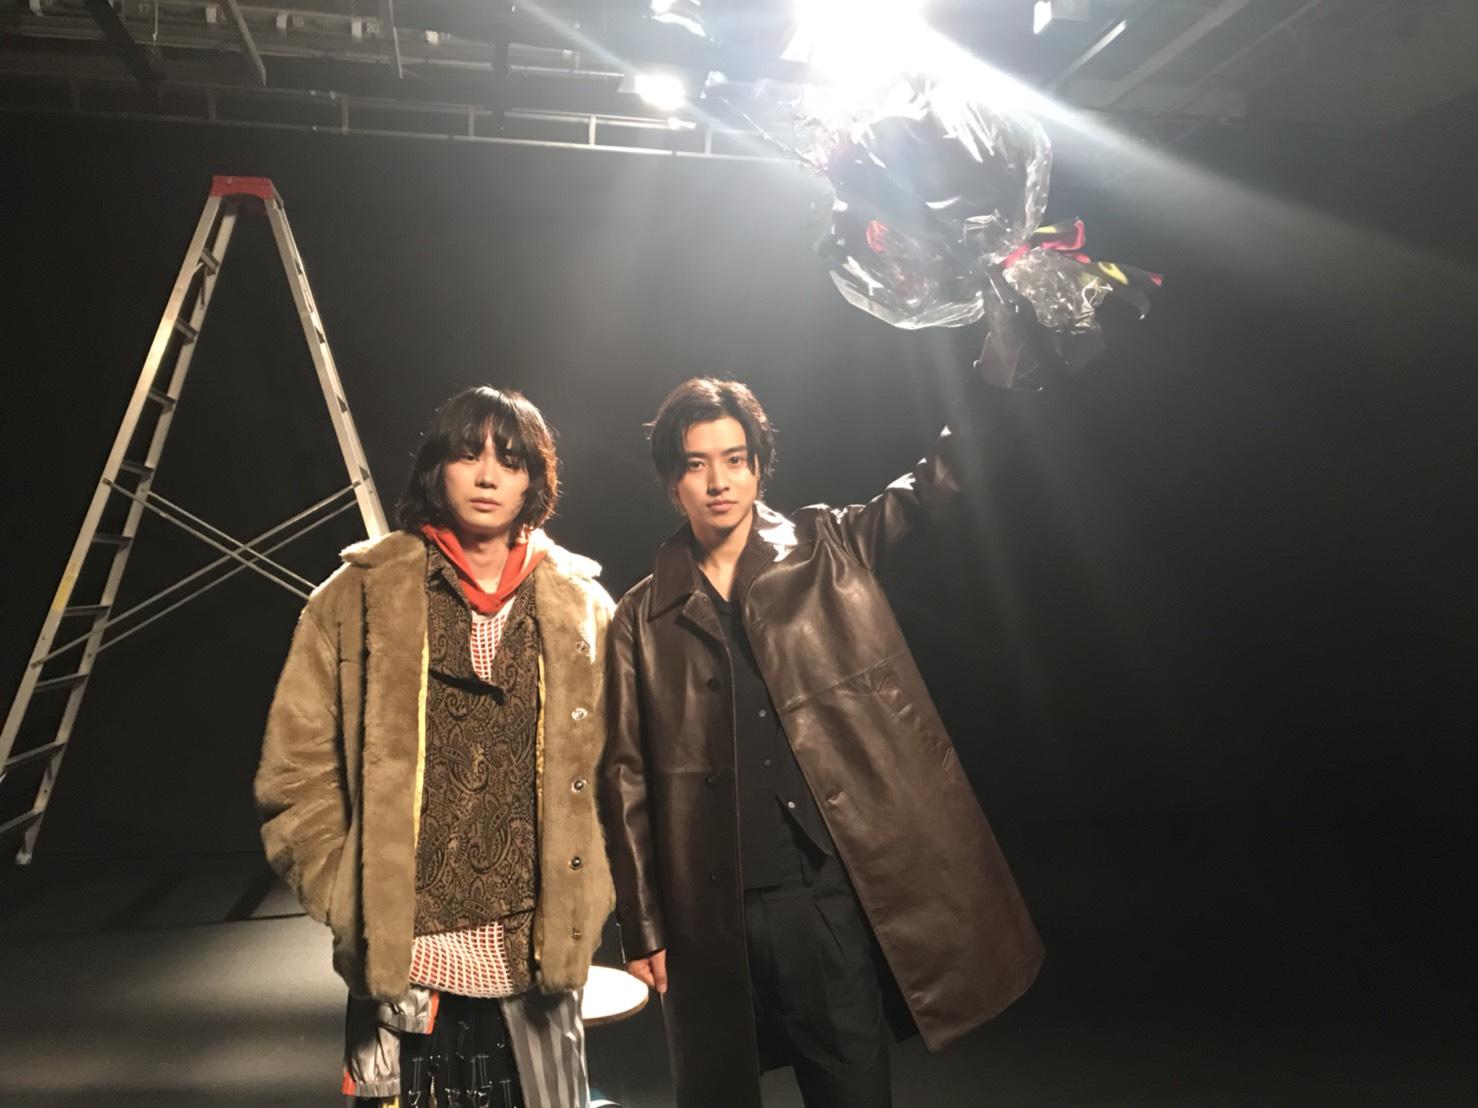 菅田将暉ニューシングルのミュージック・ビデオに、山﨑賢人がスペシャルゲストとして出演サムネイル画像